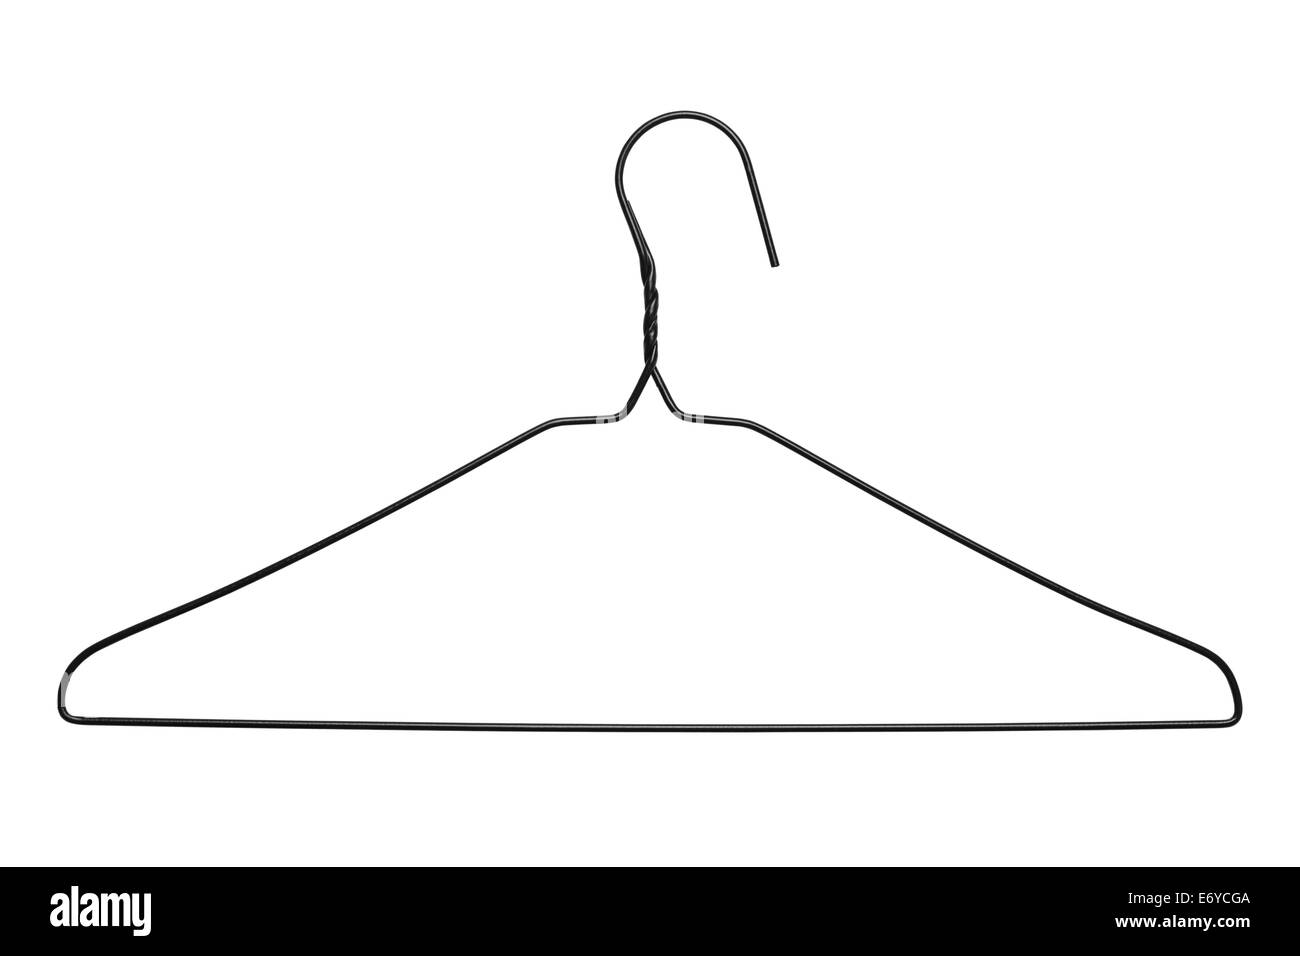 Sottile filo nero Appendiabiti isolati su sfondo bianco. Immagini Stock